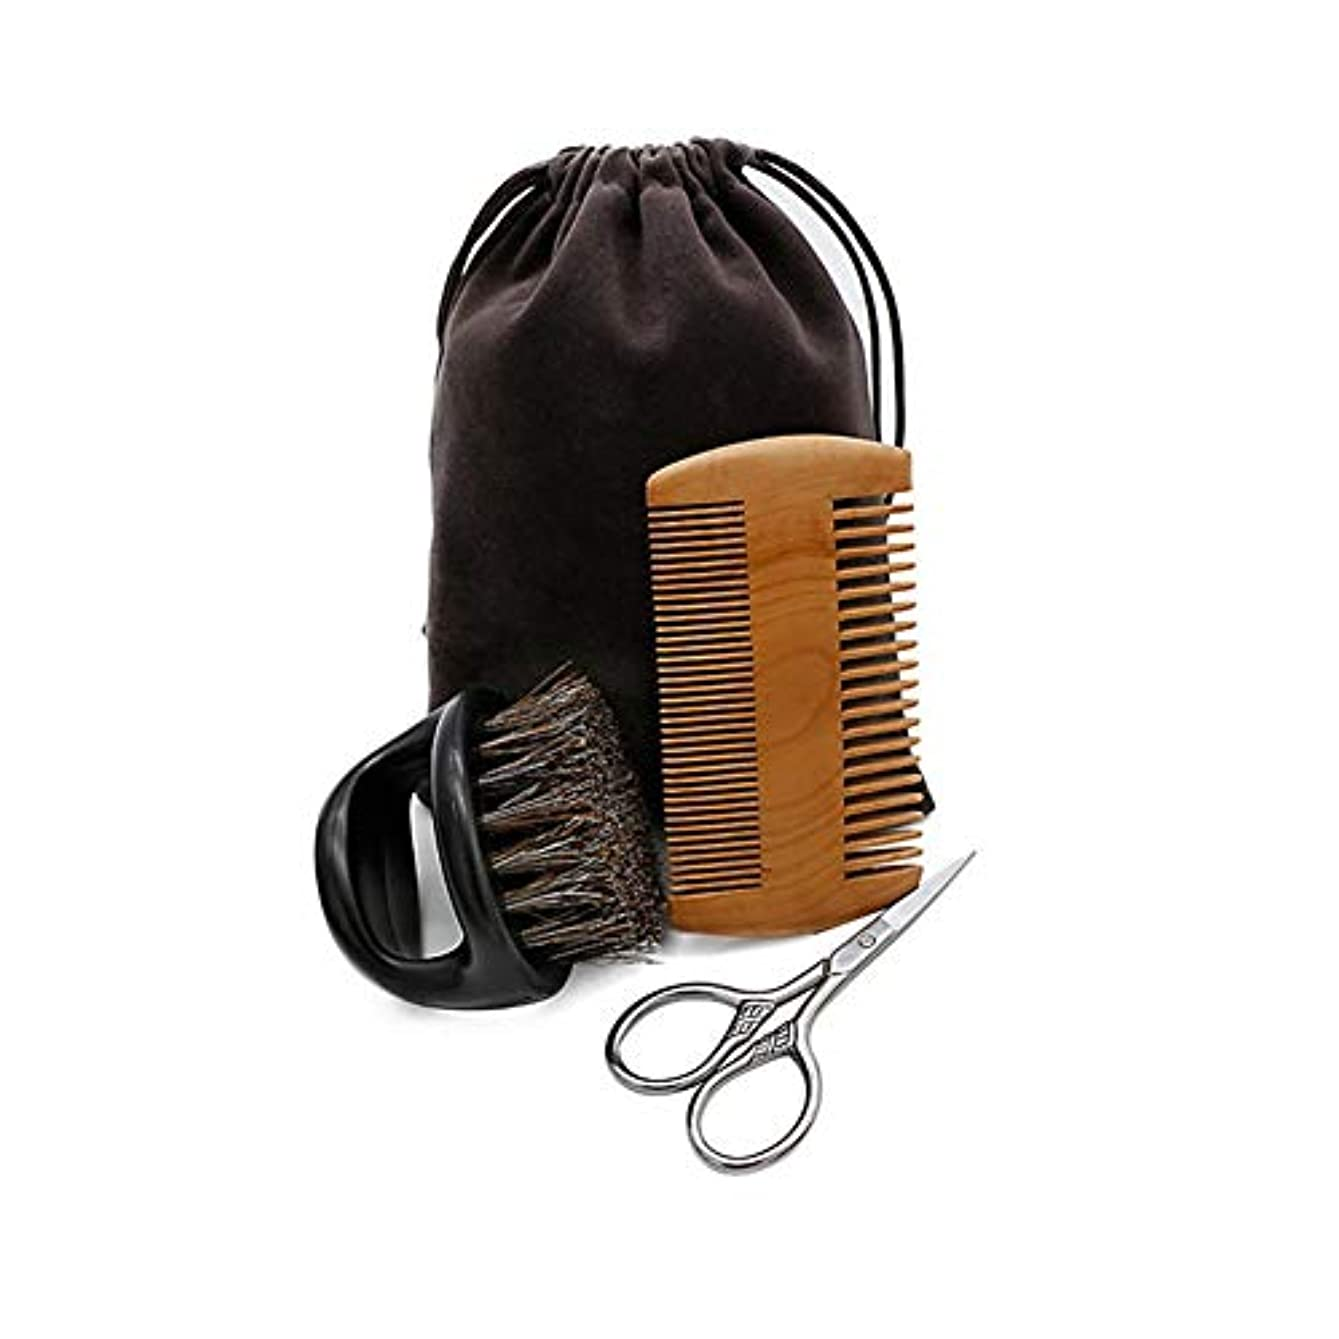 休憩する肉屋順応性のあるjunexi ビアードケアセット 3件セット ひげブラシ ピーチ木製櫛 はさみ 柔らかい 使いやすい メンズ髭手入れセット 収納袋付き 携帯便利 ヘアブラシセット